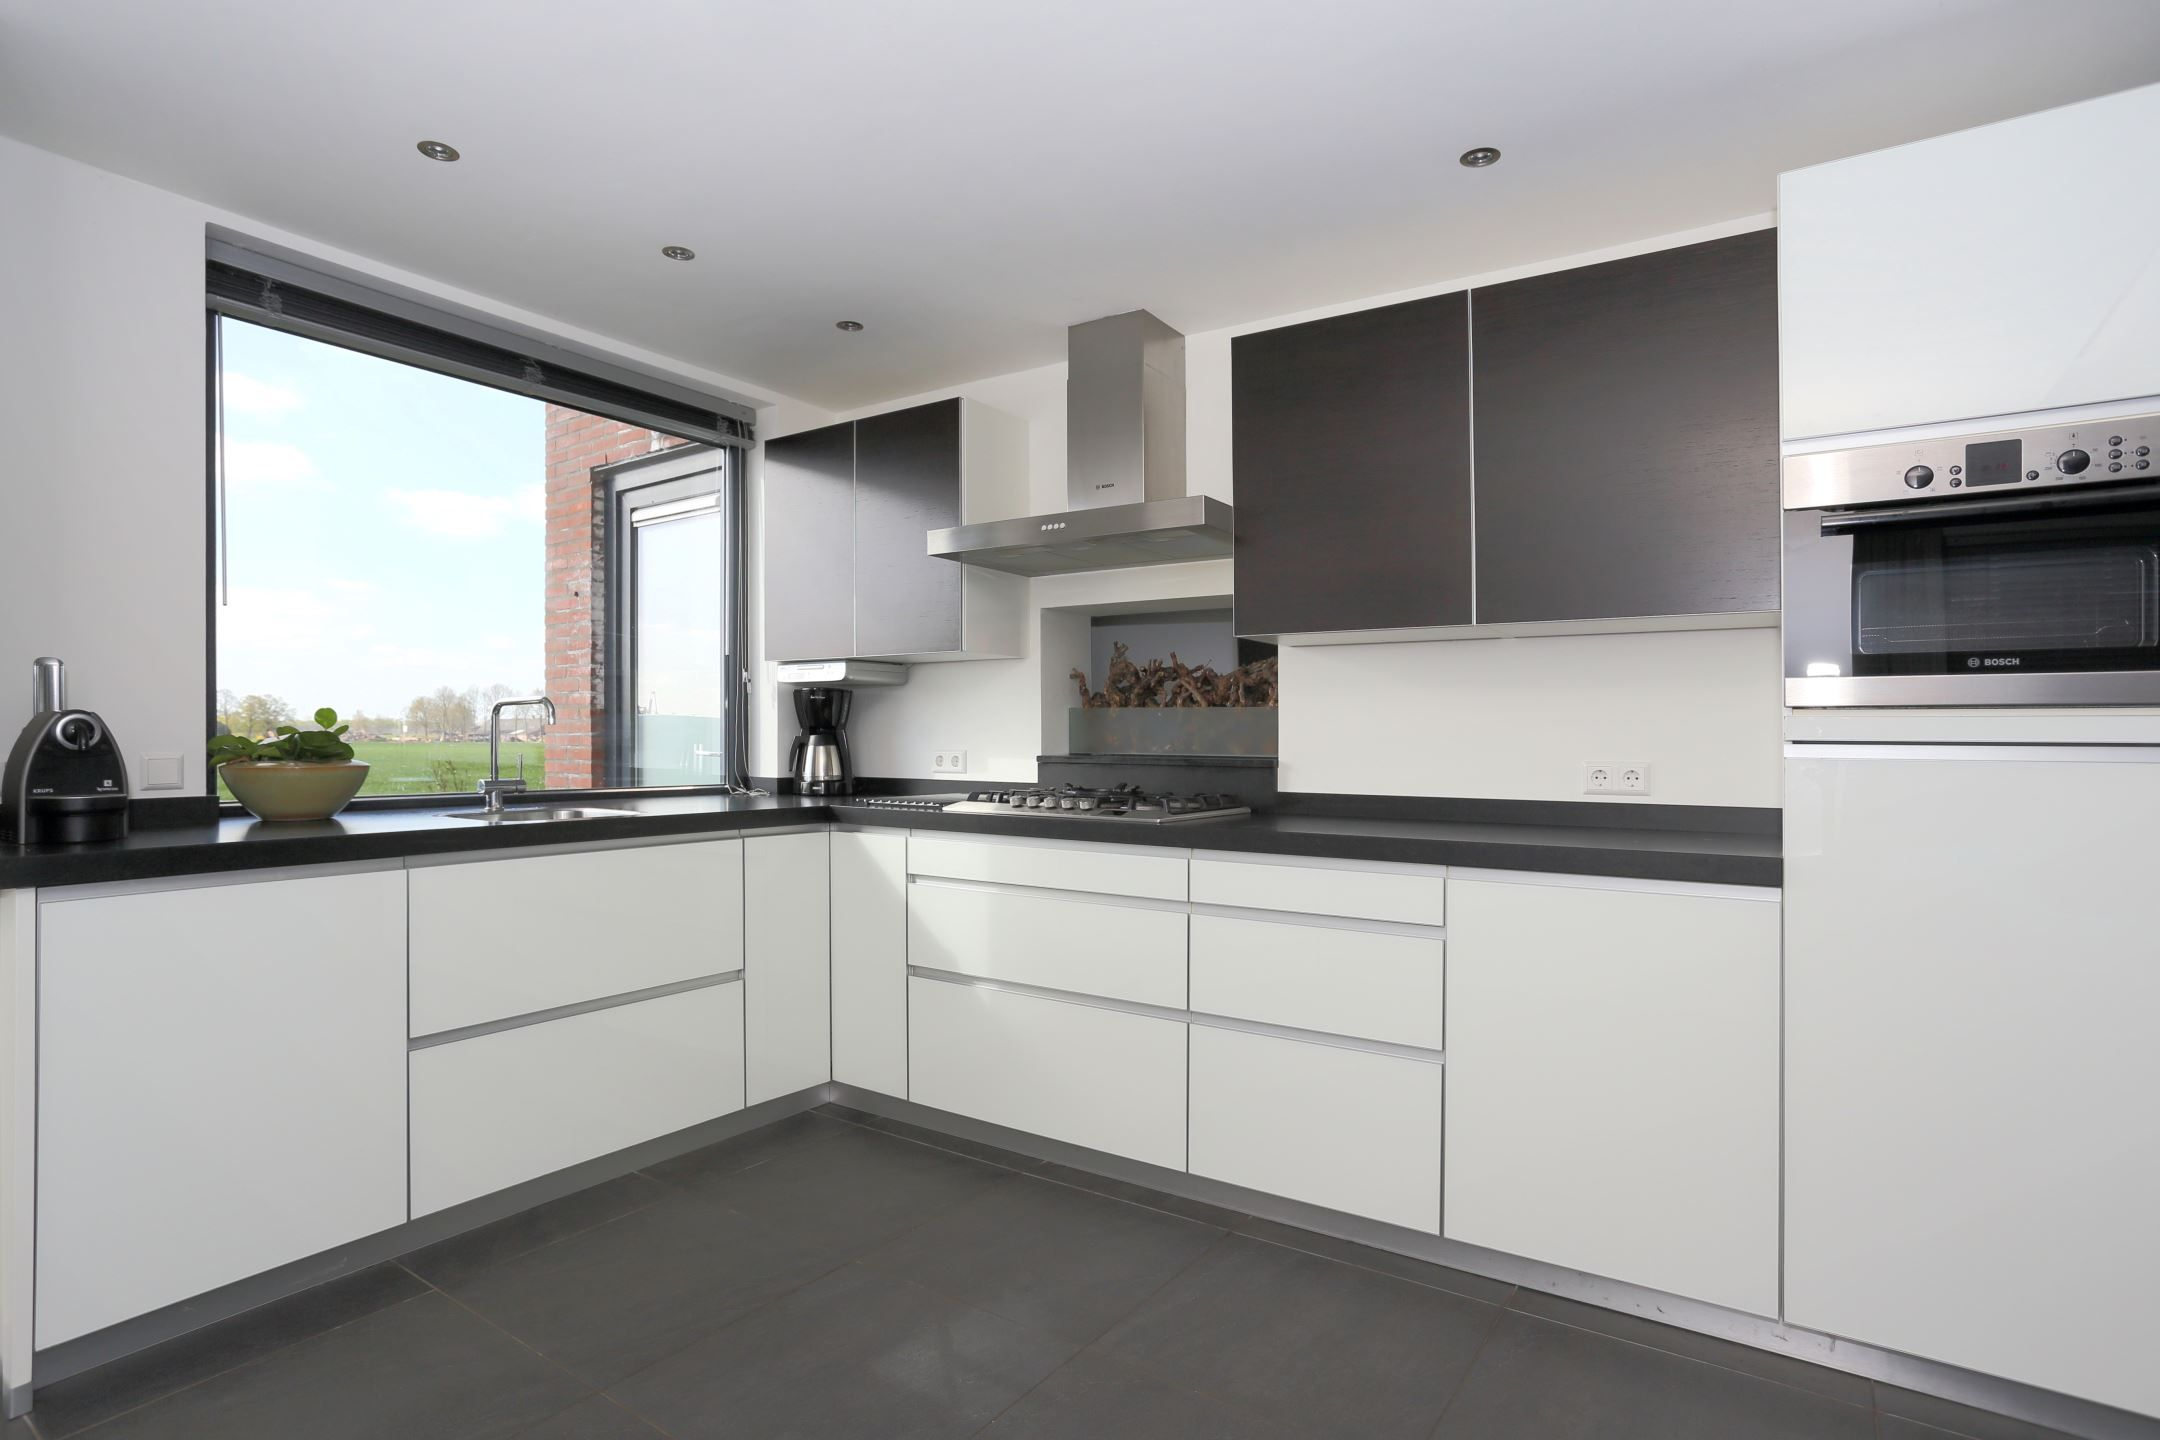 Ikea Tegels Keuken : Ikea hoekkeuken recht keuken ikea beste hoekkeuken riesling